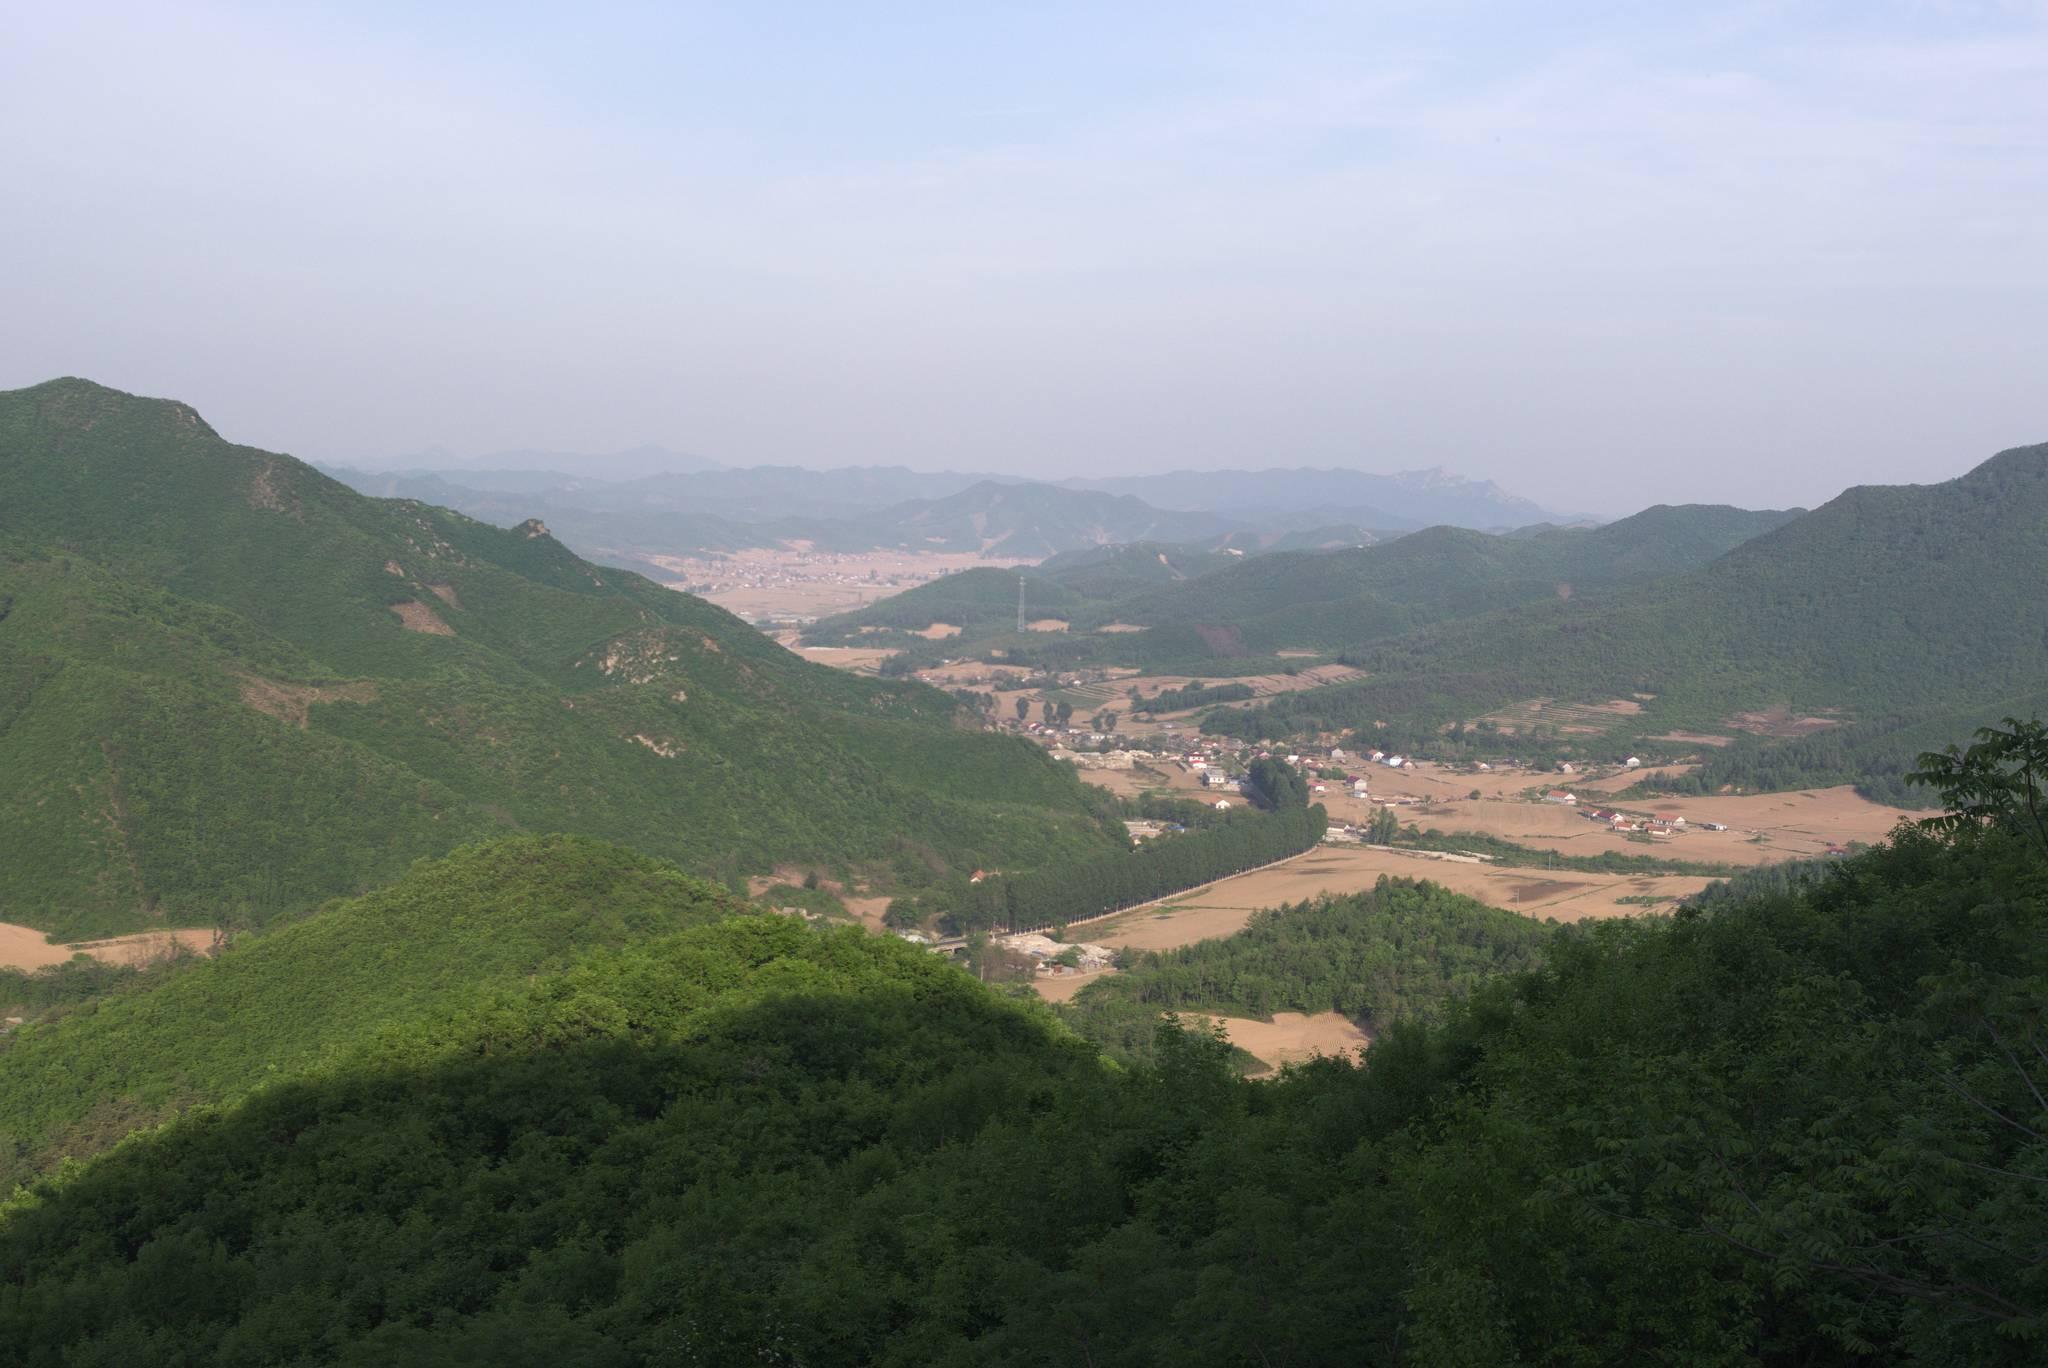 Pożegnanie z górami wschodniej Mandżurii